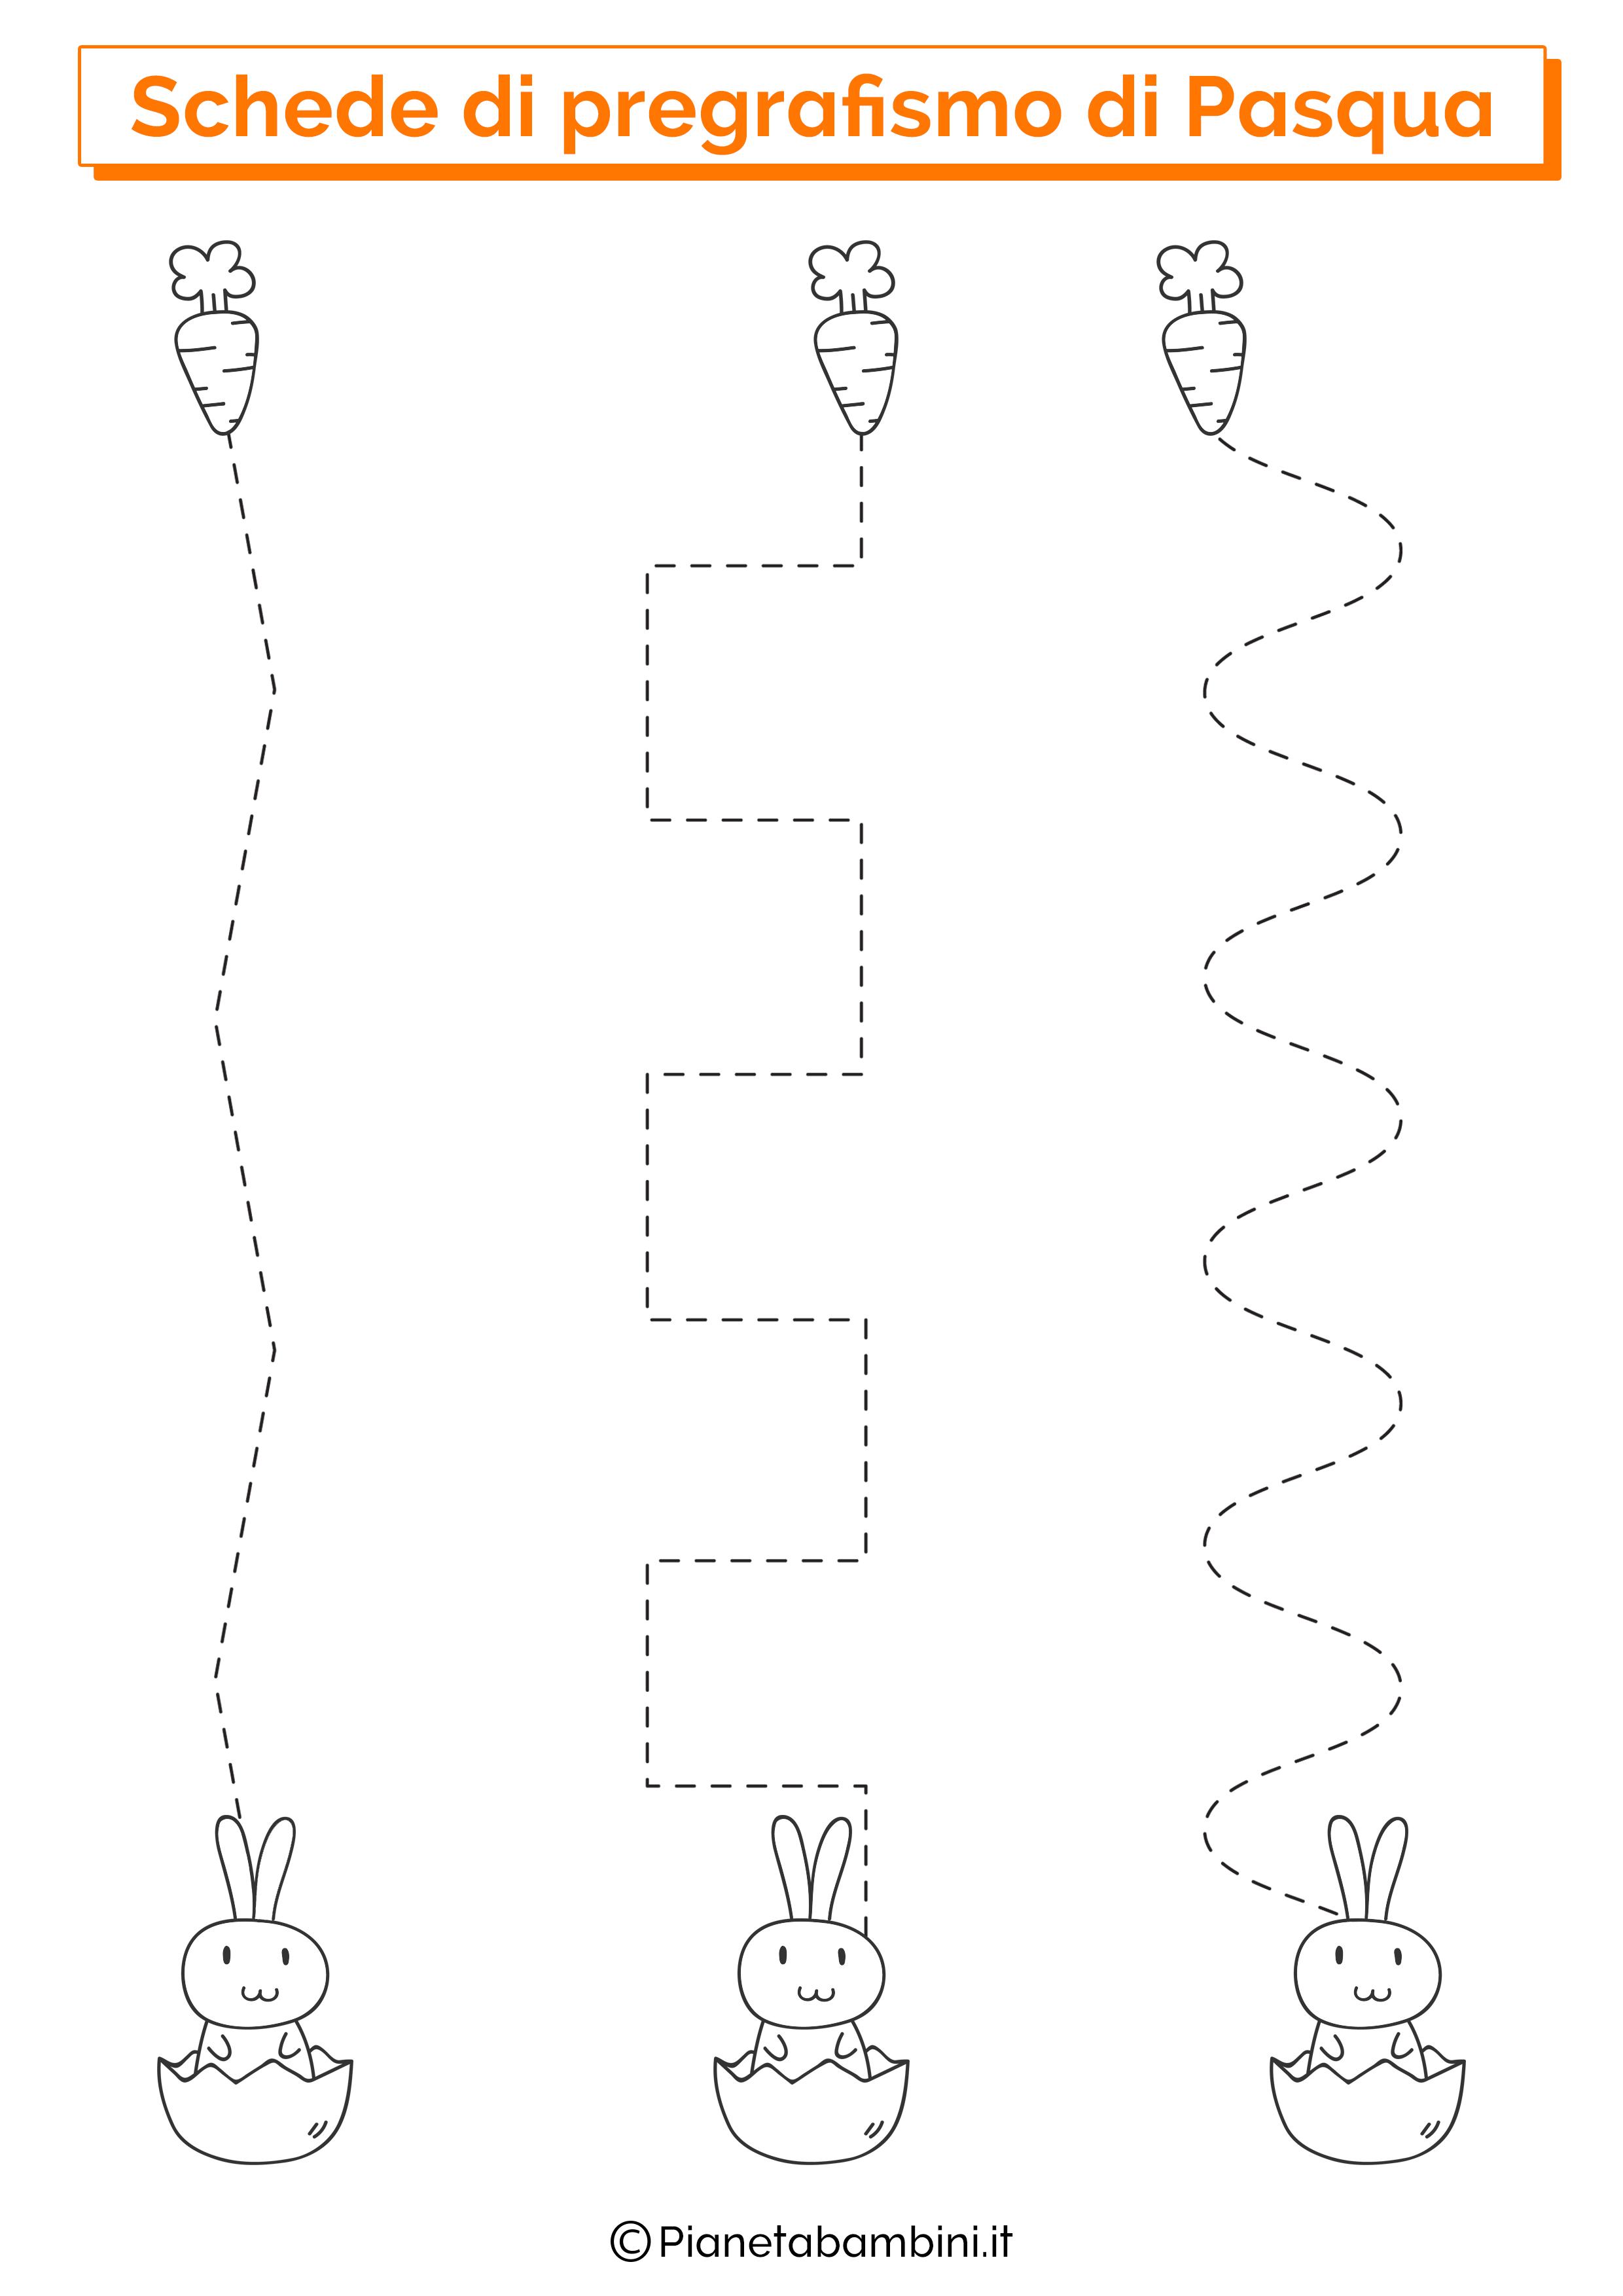 Scheda di pregrafismo di Pasqua su linee verticali 3